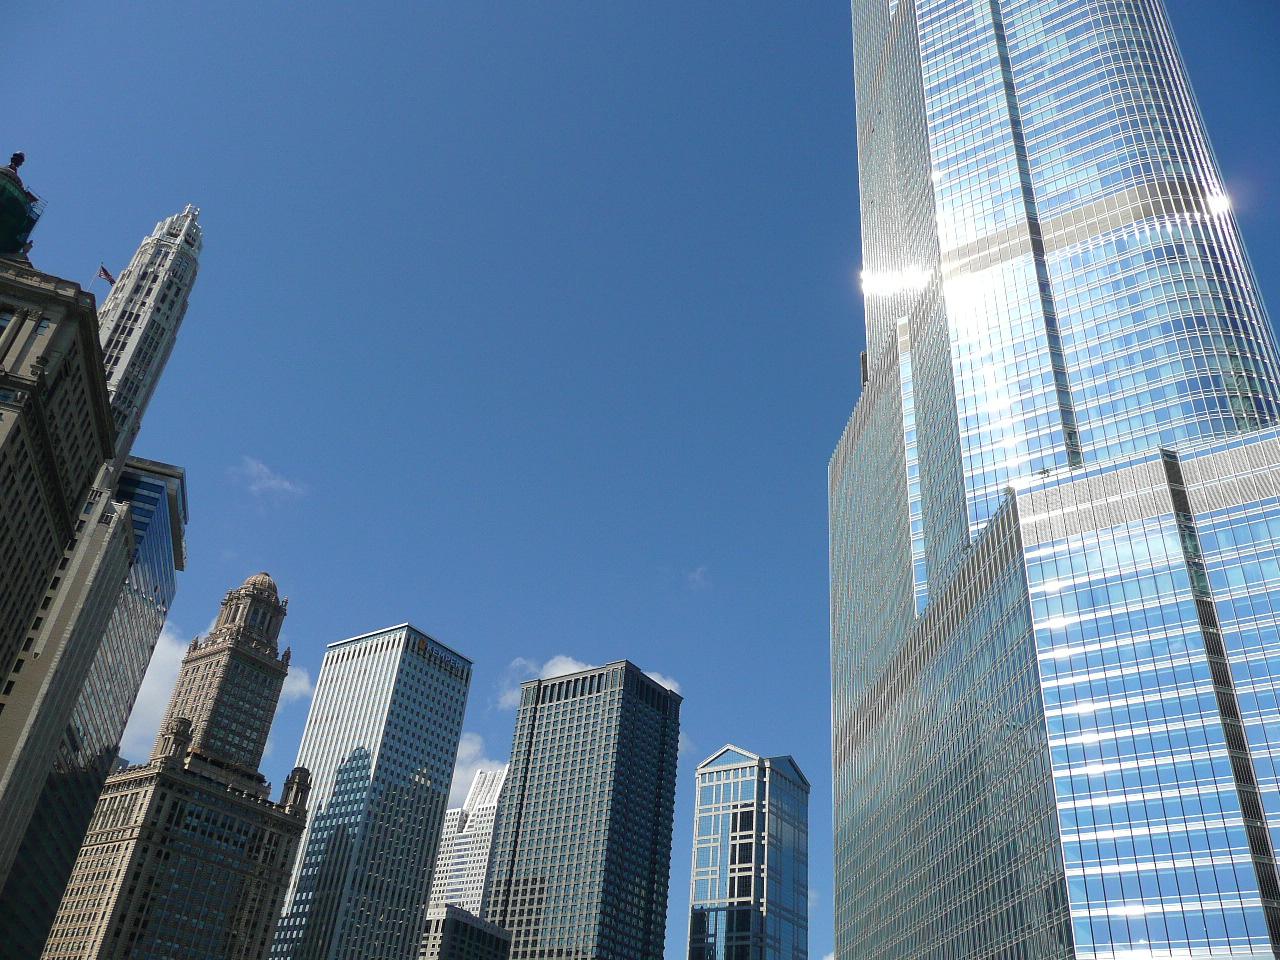 Decepção com o blues, deslumbramento com a arquitetura da cidade. Chicago é  um museu a céu aberto, com prédios de todas as épocas e estilos, ... 82767c03c7